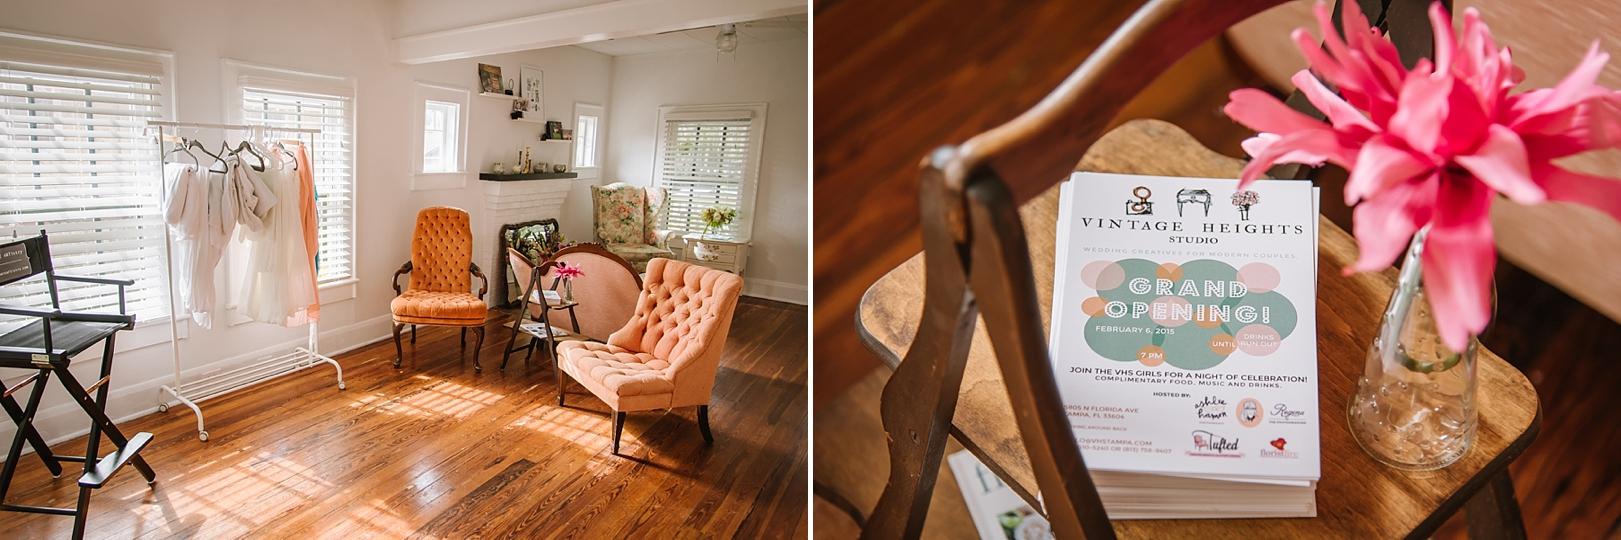 seminole heights wedding studio photos